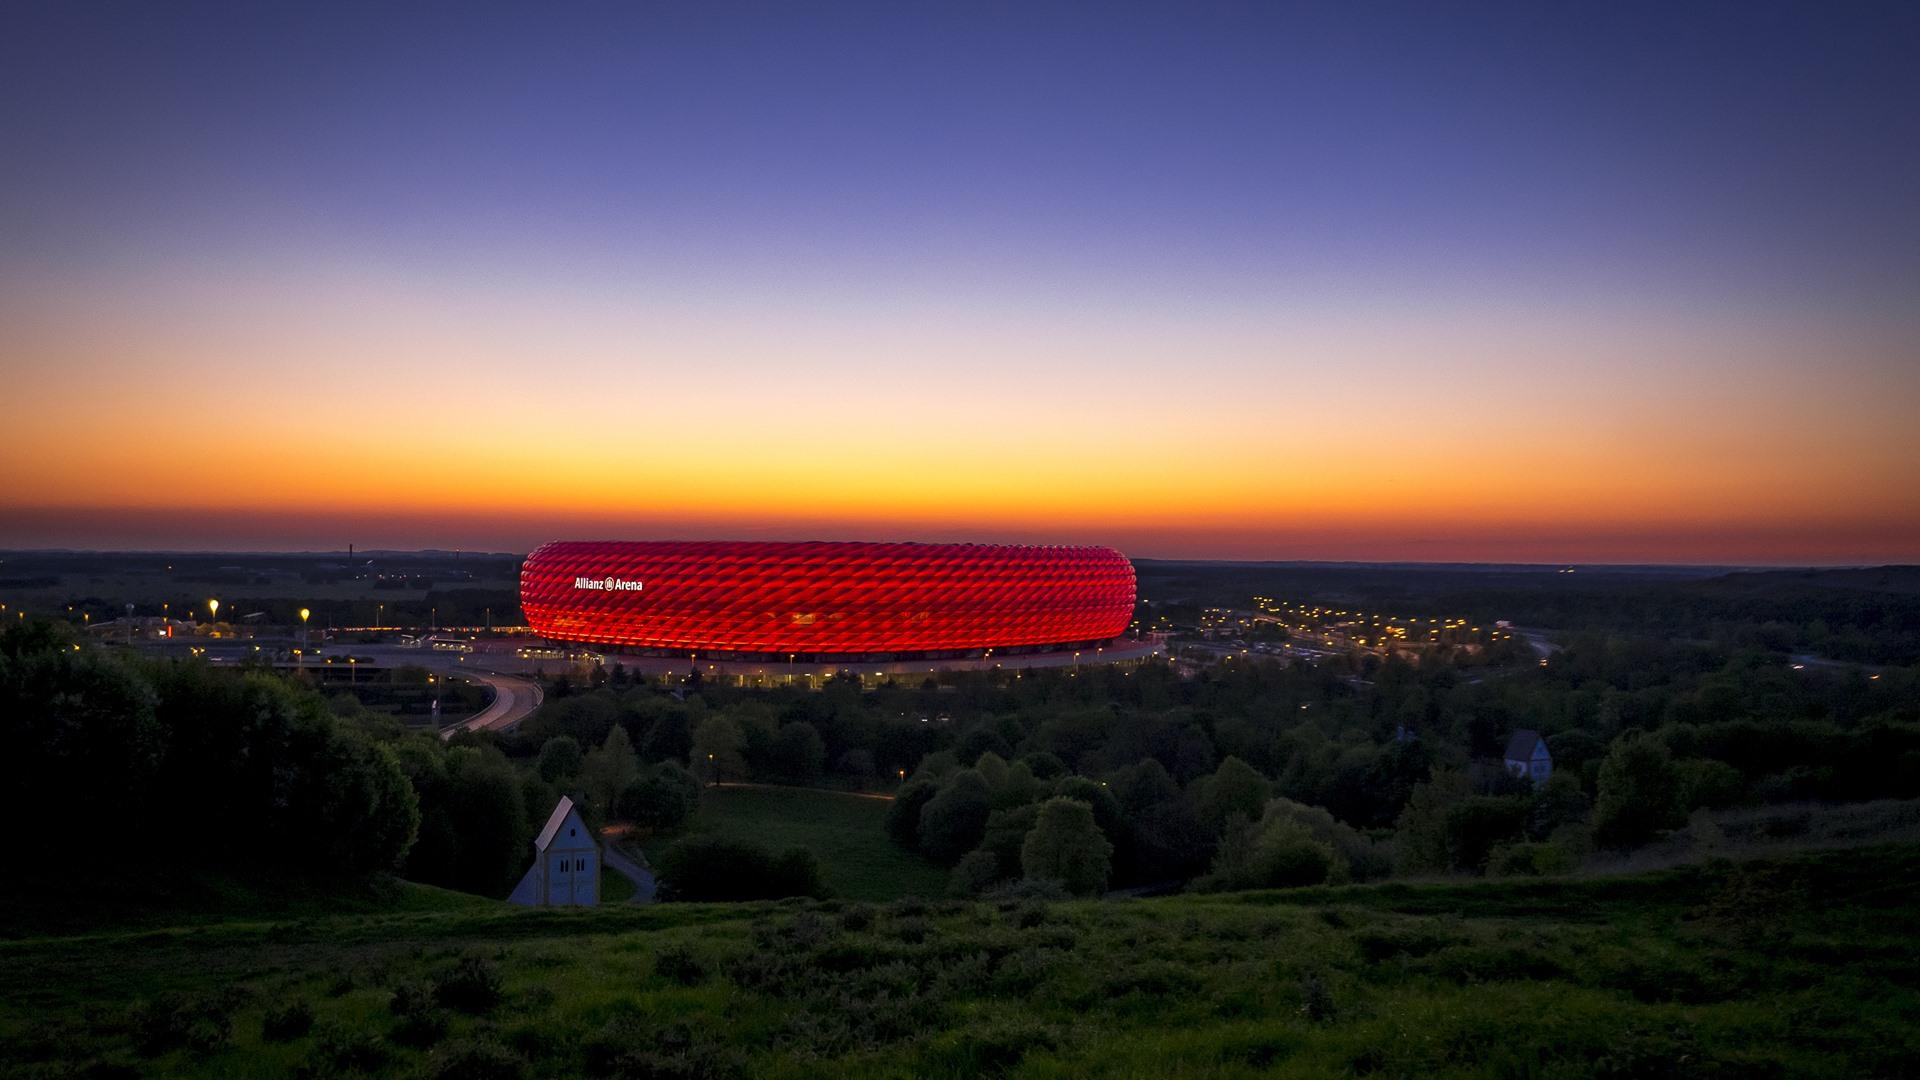 Allianz Arena Mnchen im Sonnenuntergang